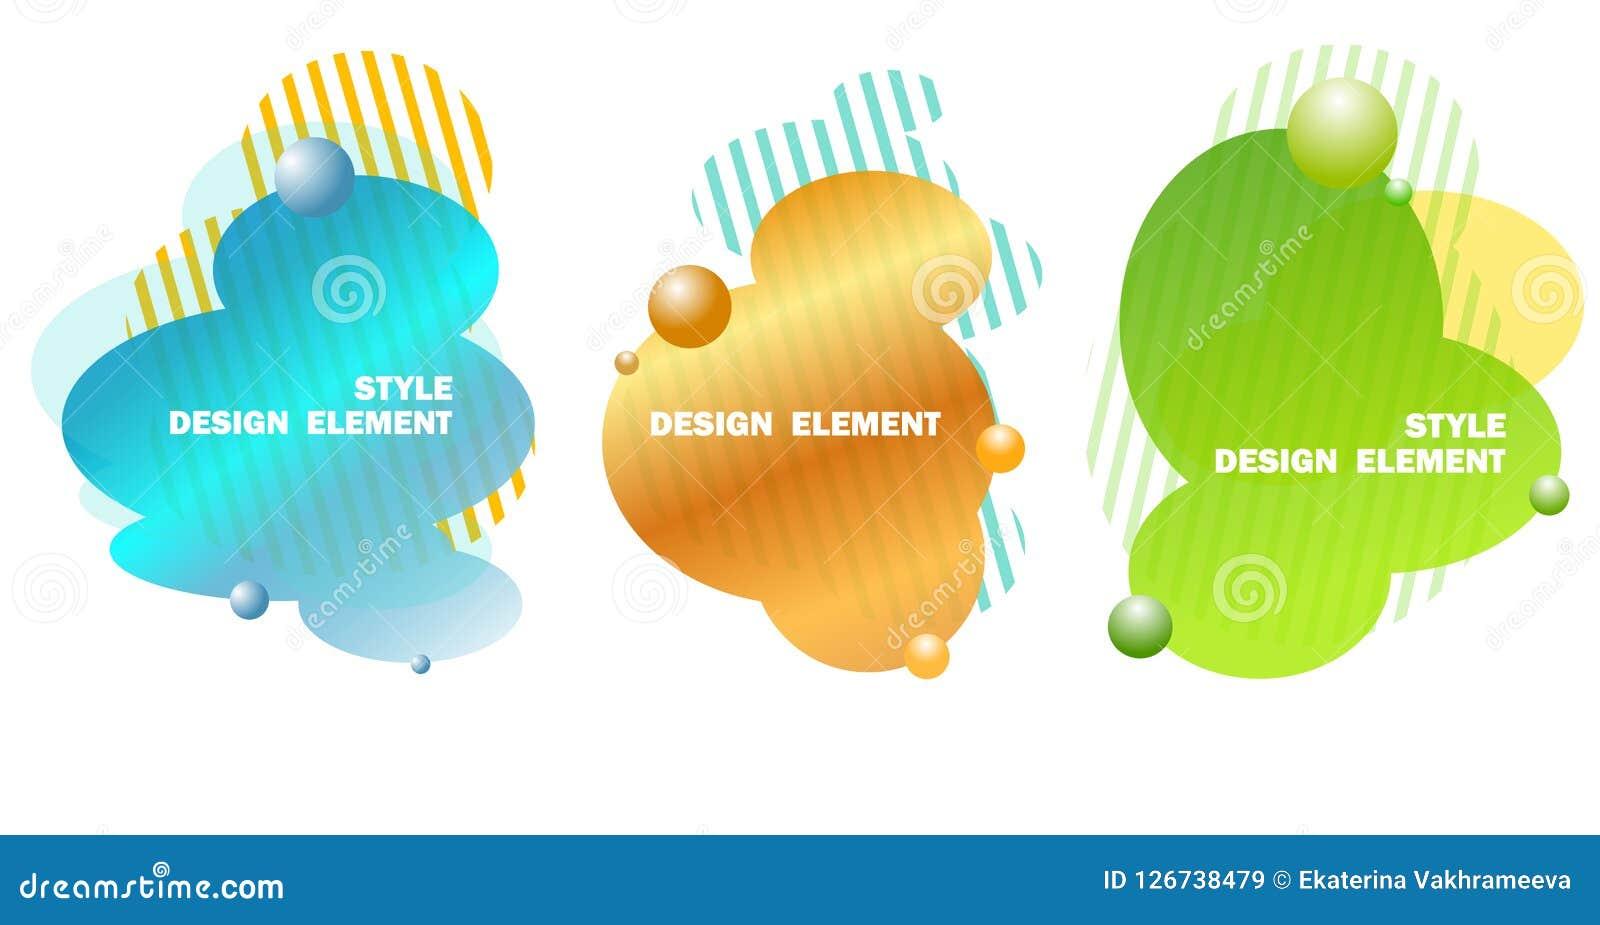 Elementos abstratos do projeto para gráficos e locais da Web, listras, inclinações e gotas abstratas Grupo de elementos gráficos